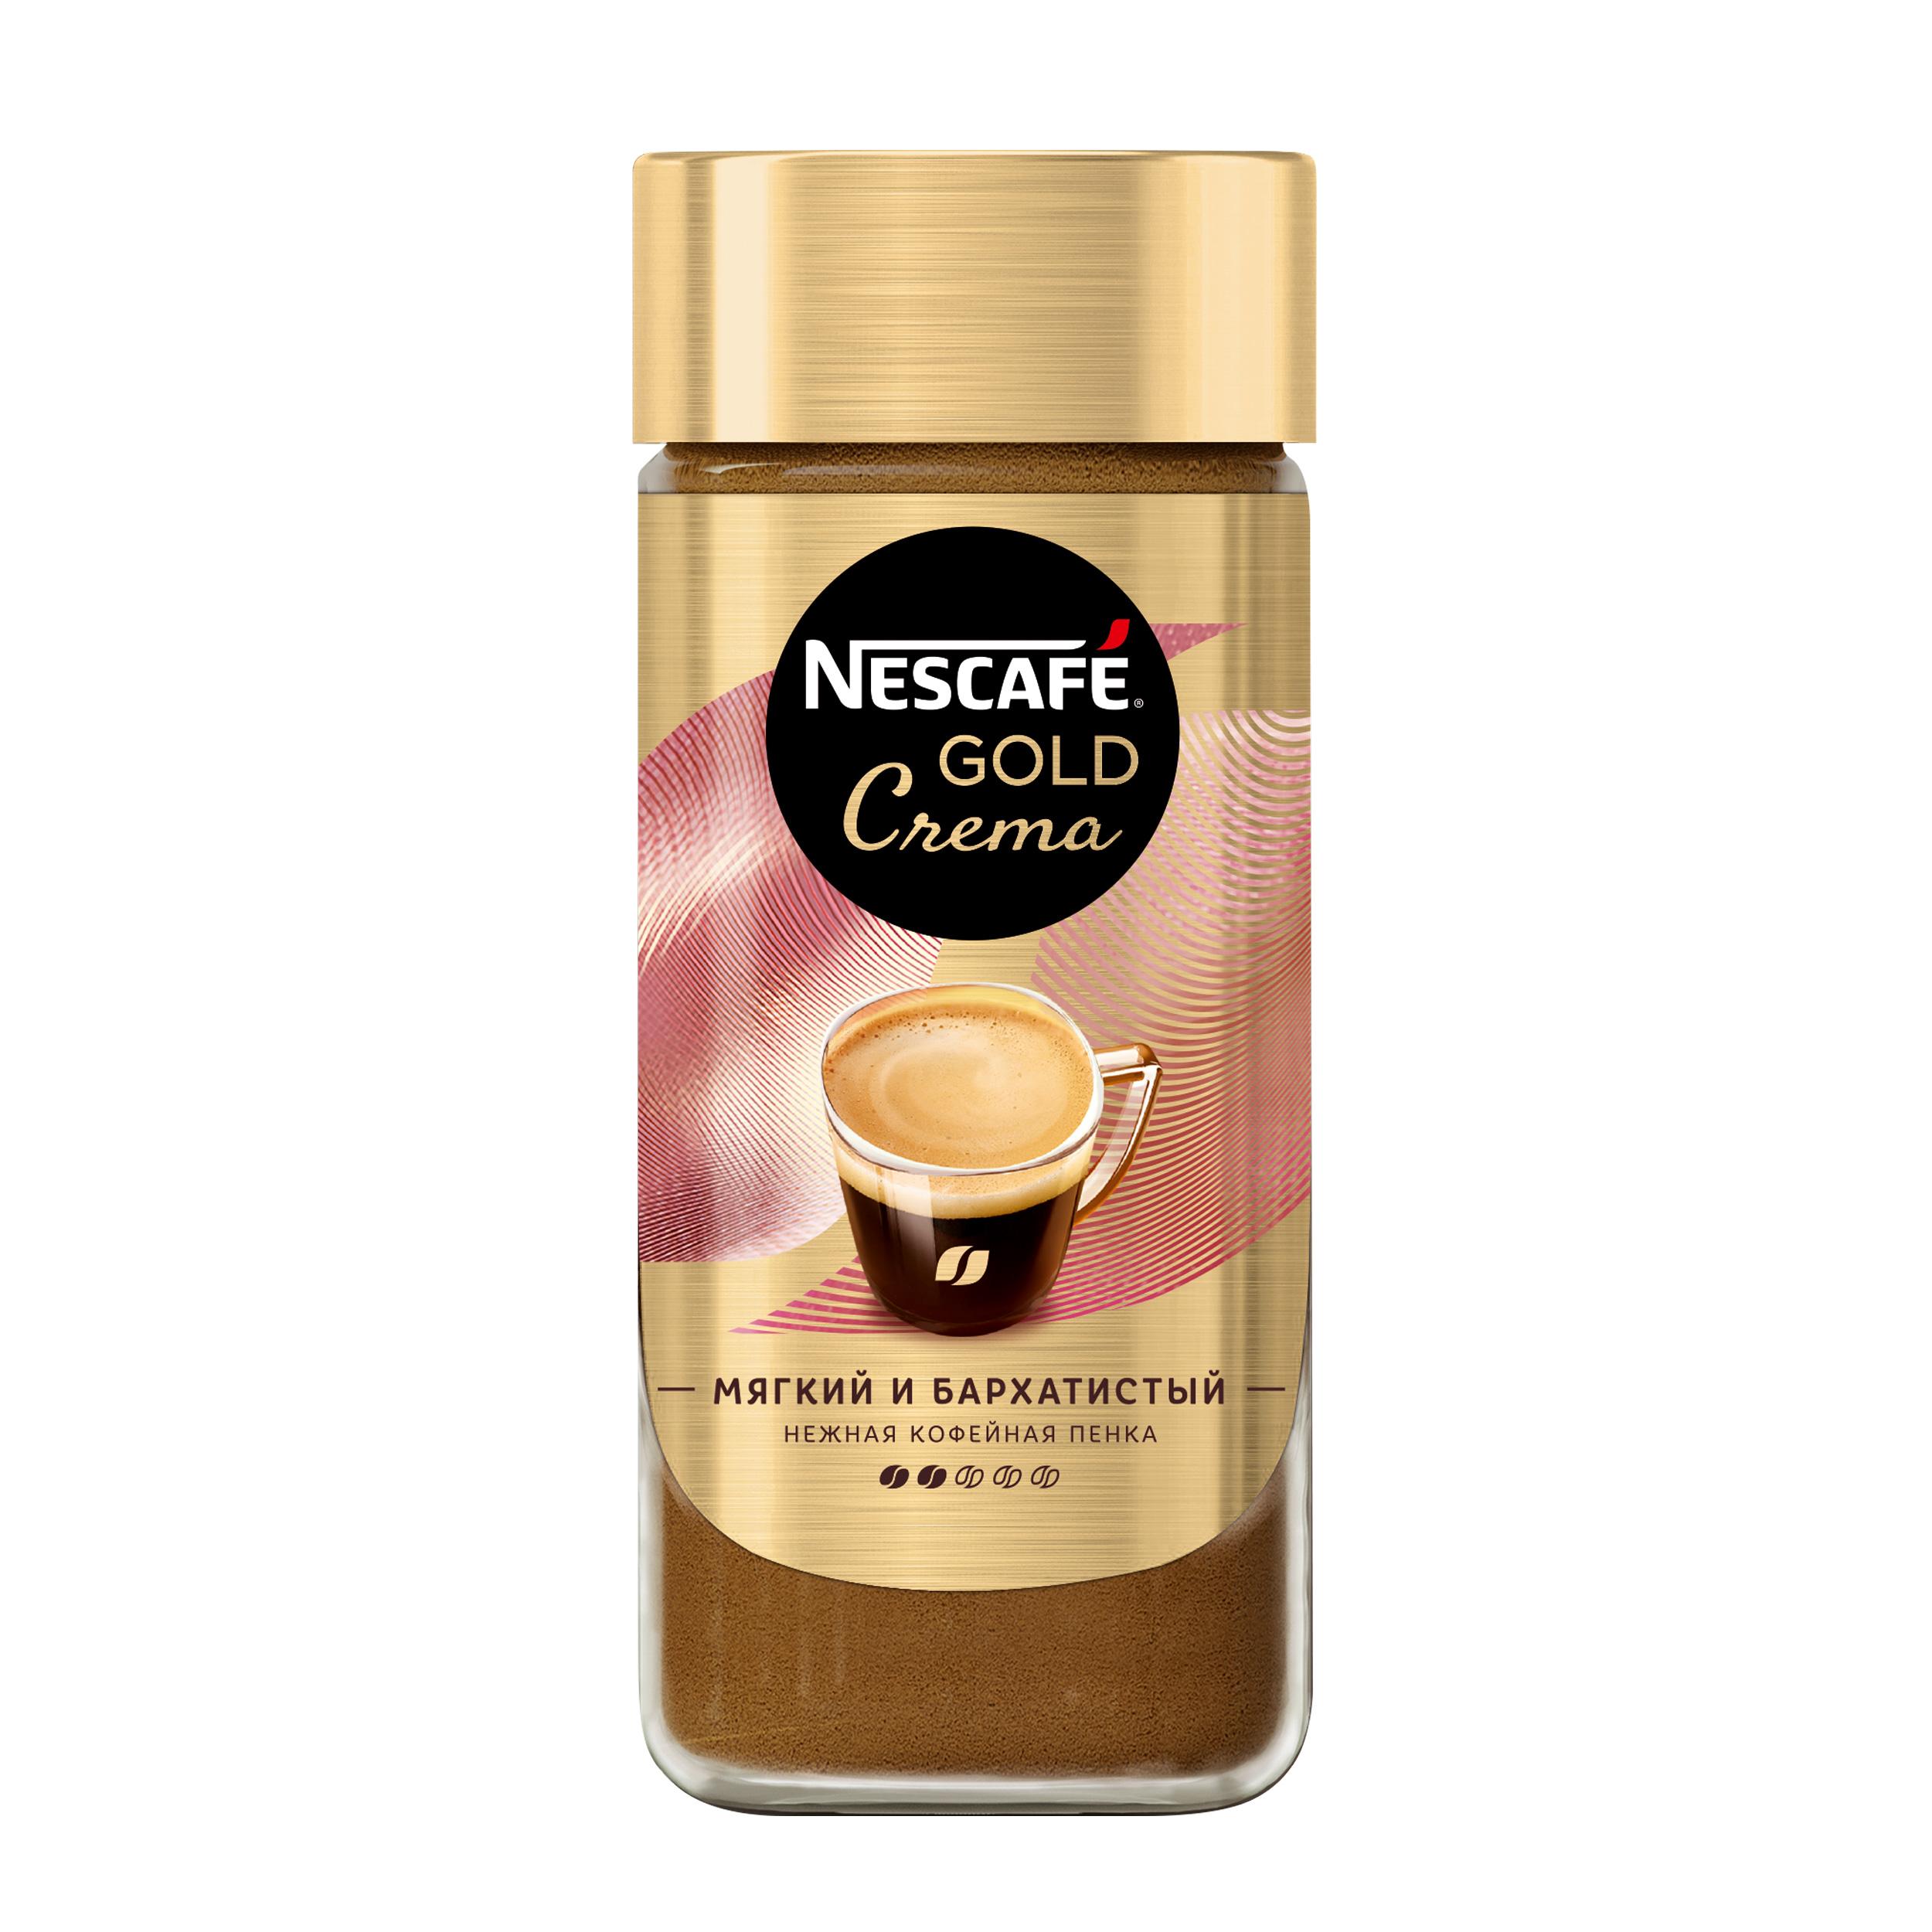 Кофе растворимый Nescafe gold crema стеклянная банка  95 г